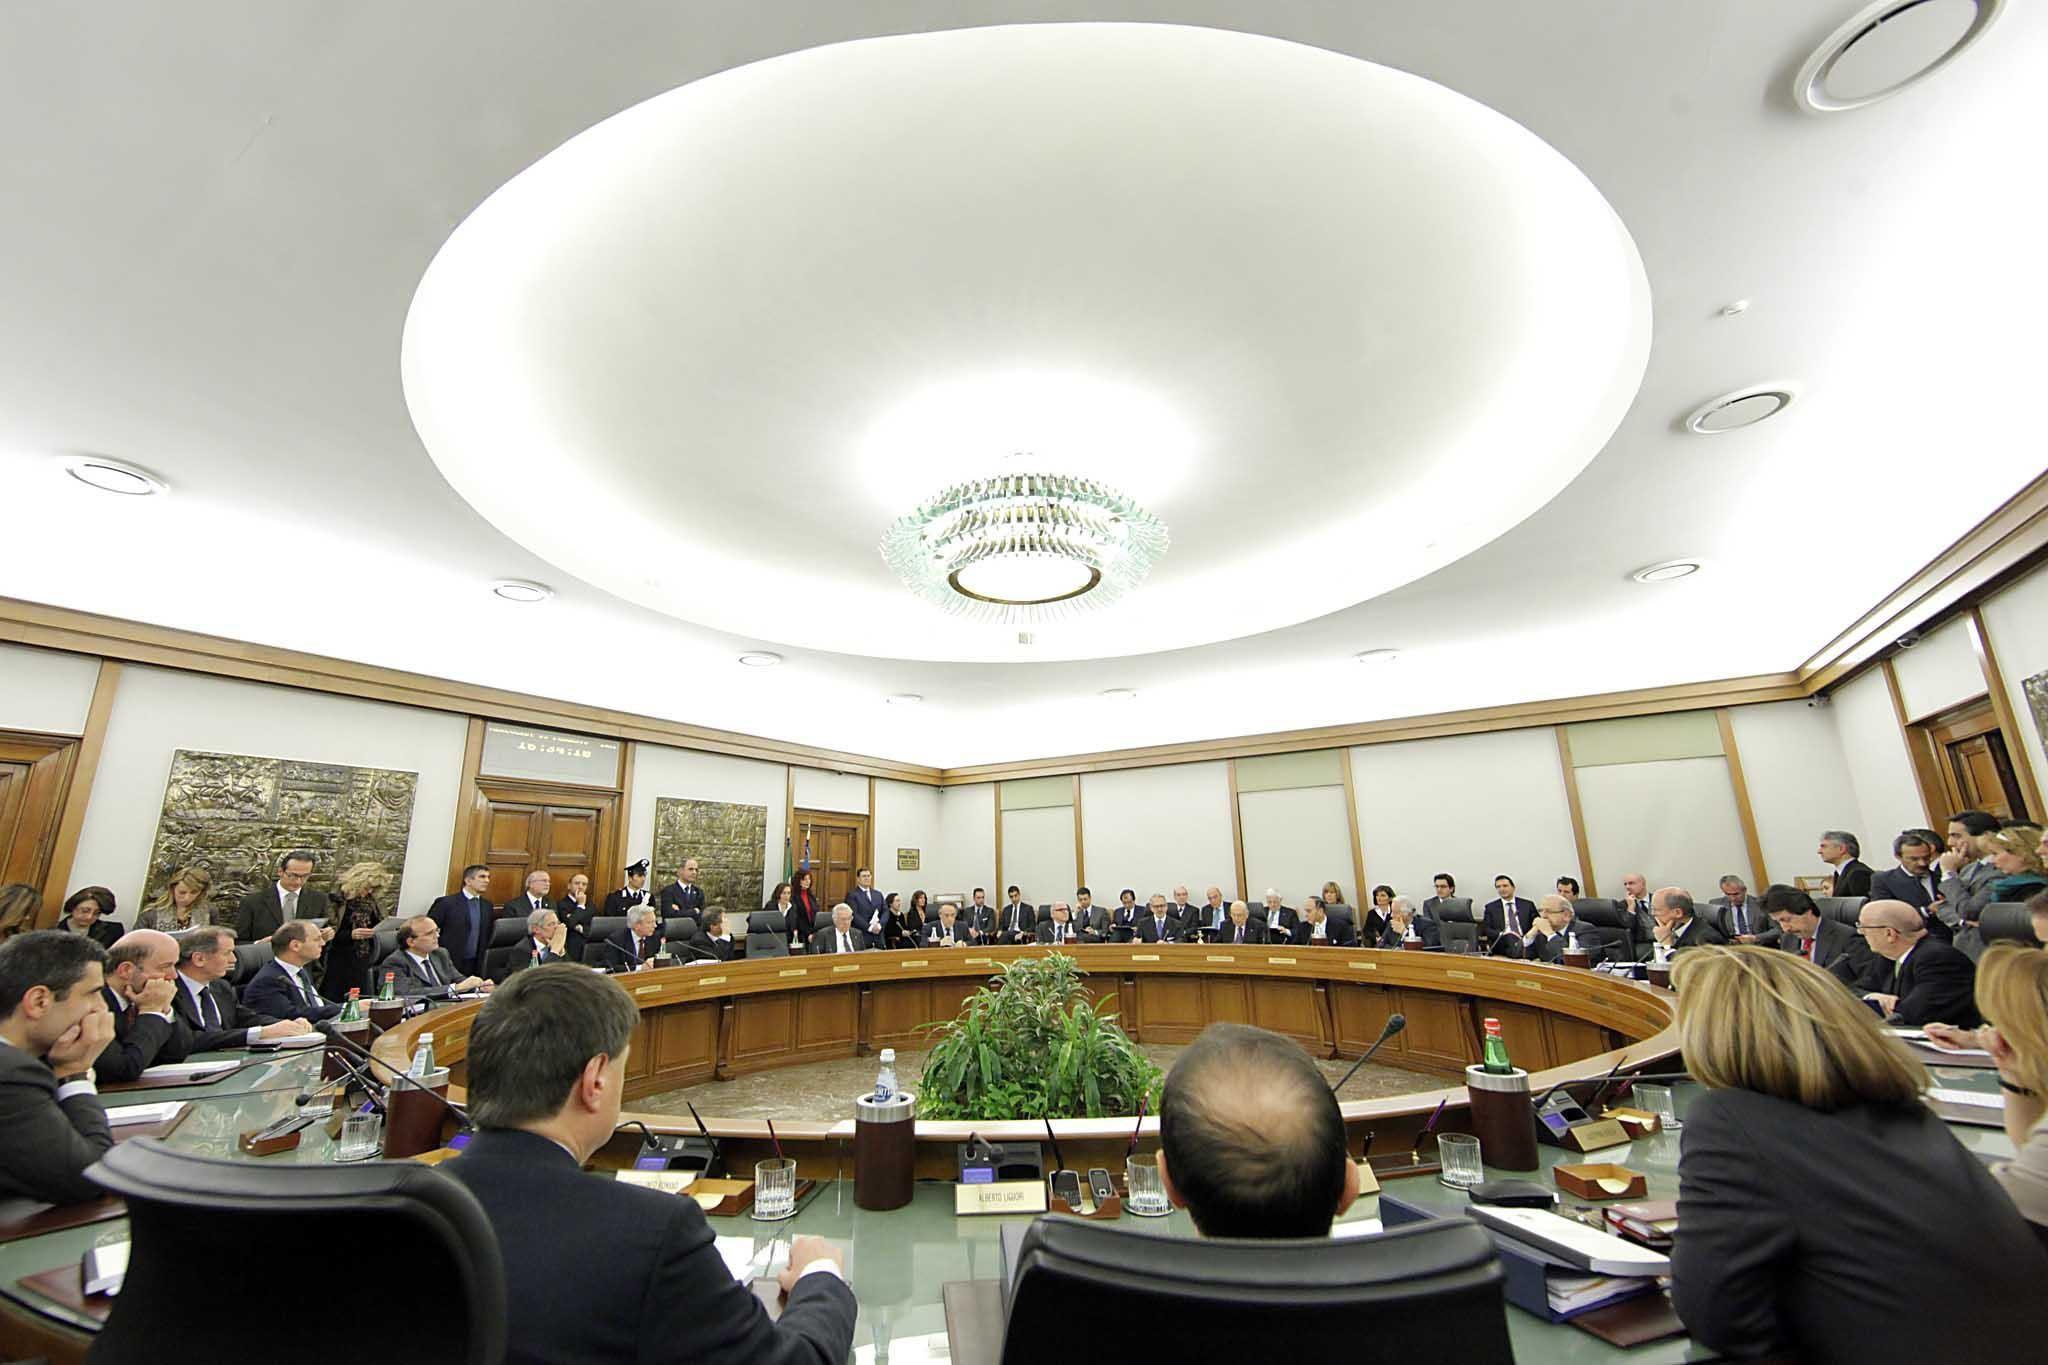 Consiglio Superiore della Magistratura: nuovi membri e composizione